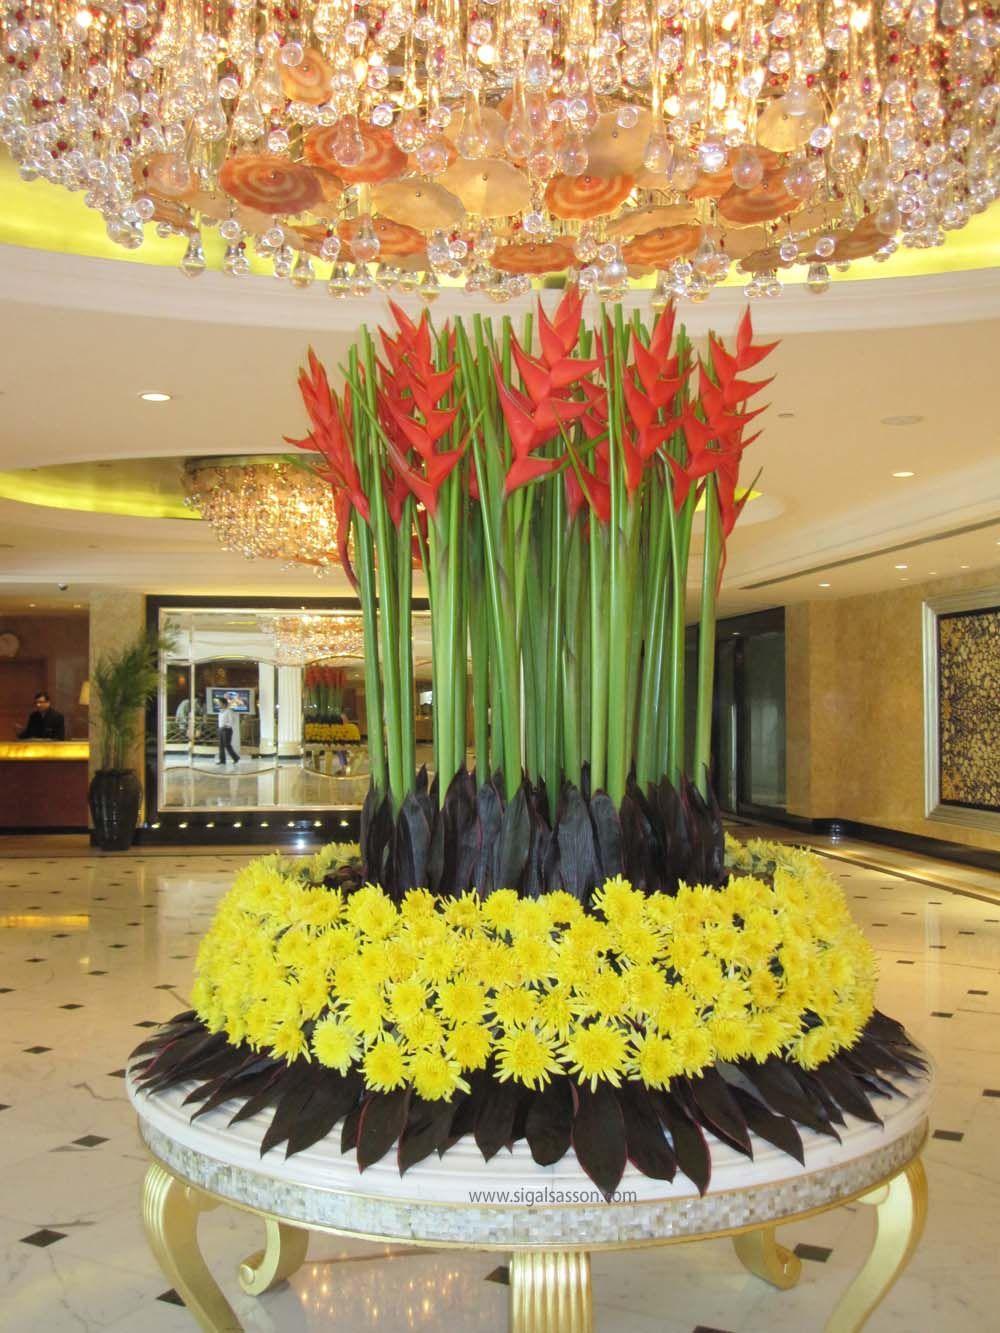 Hotel Foyer Flowers : Image result for hotel lobby flowers pinterest